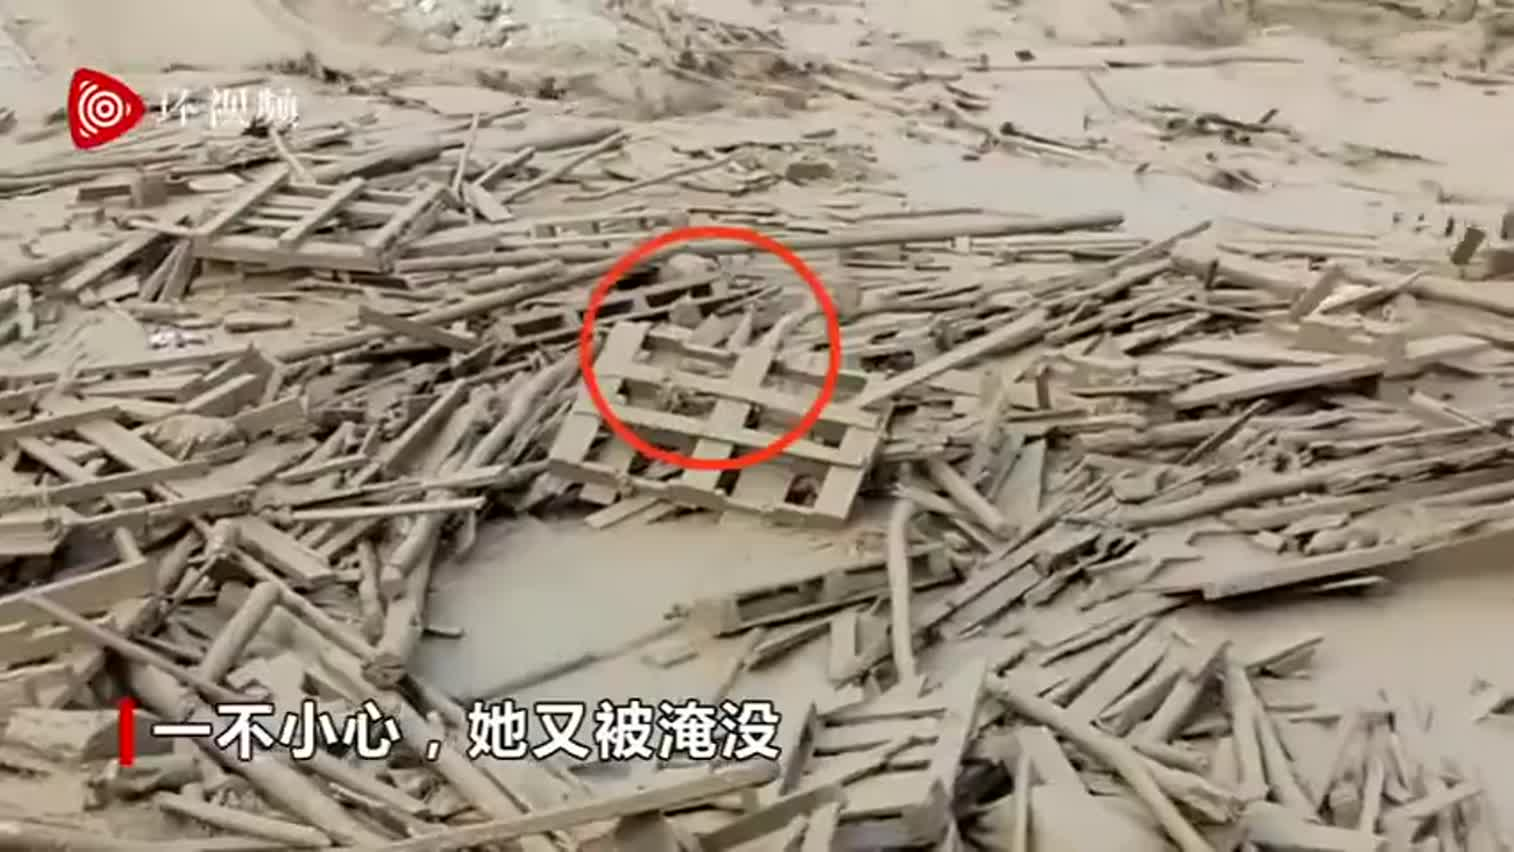 视频-女子在泥石流中自救逃生:身上全是泥沉的抬不